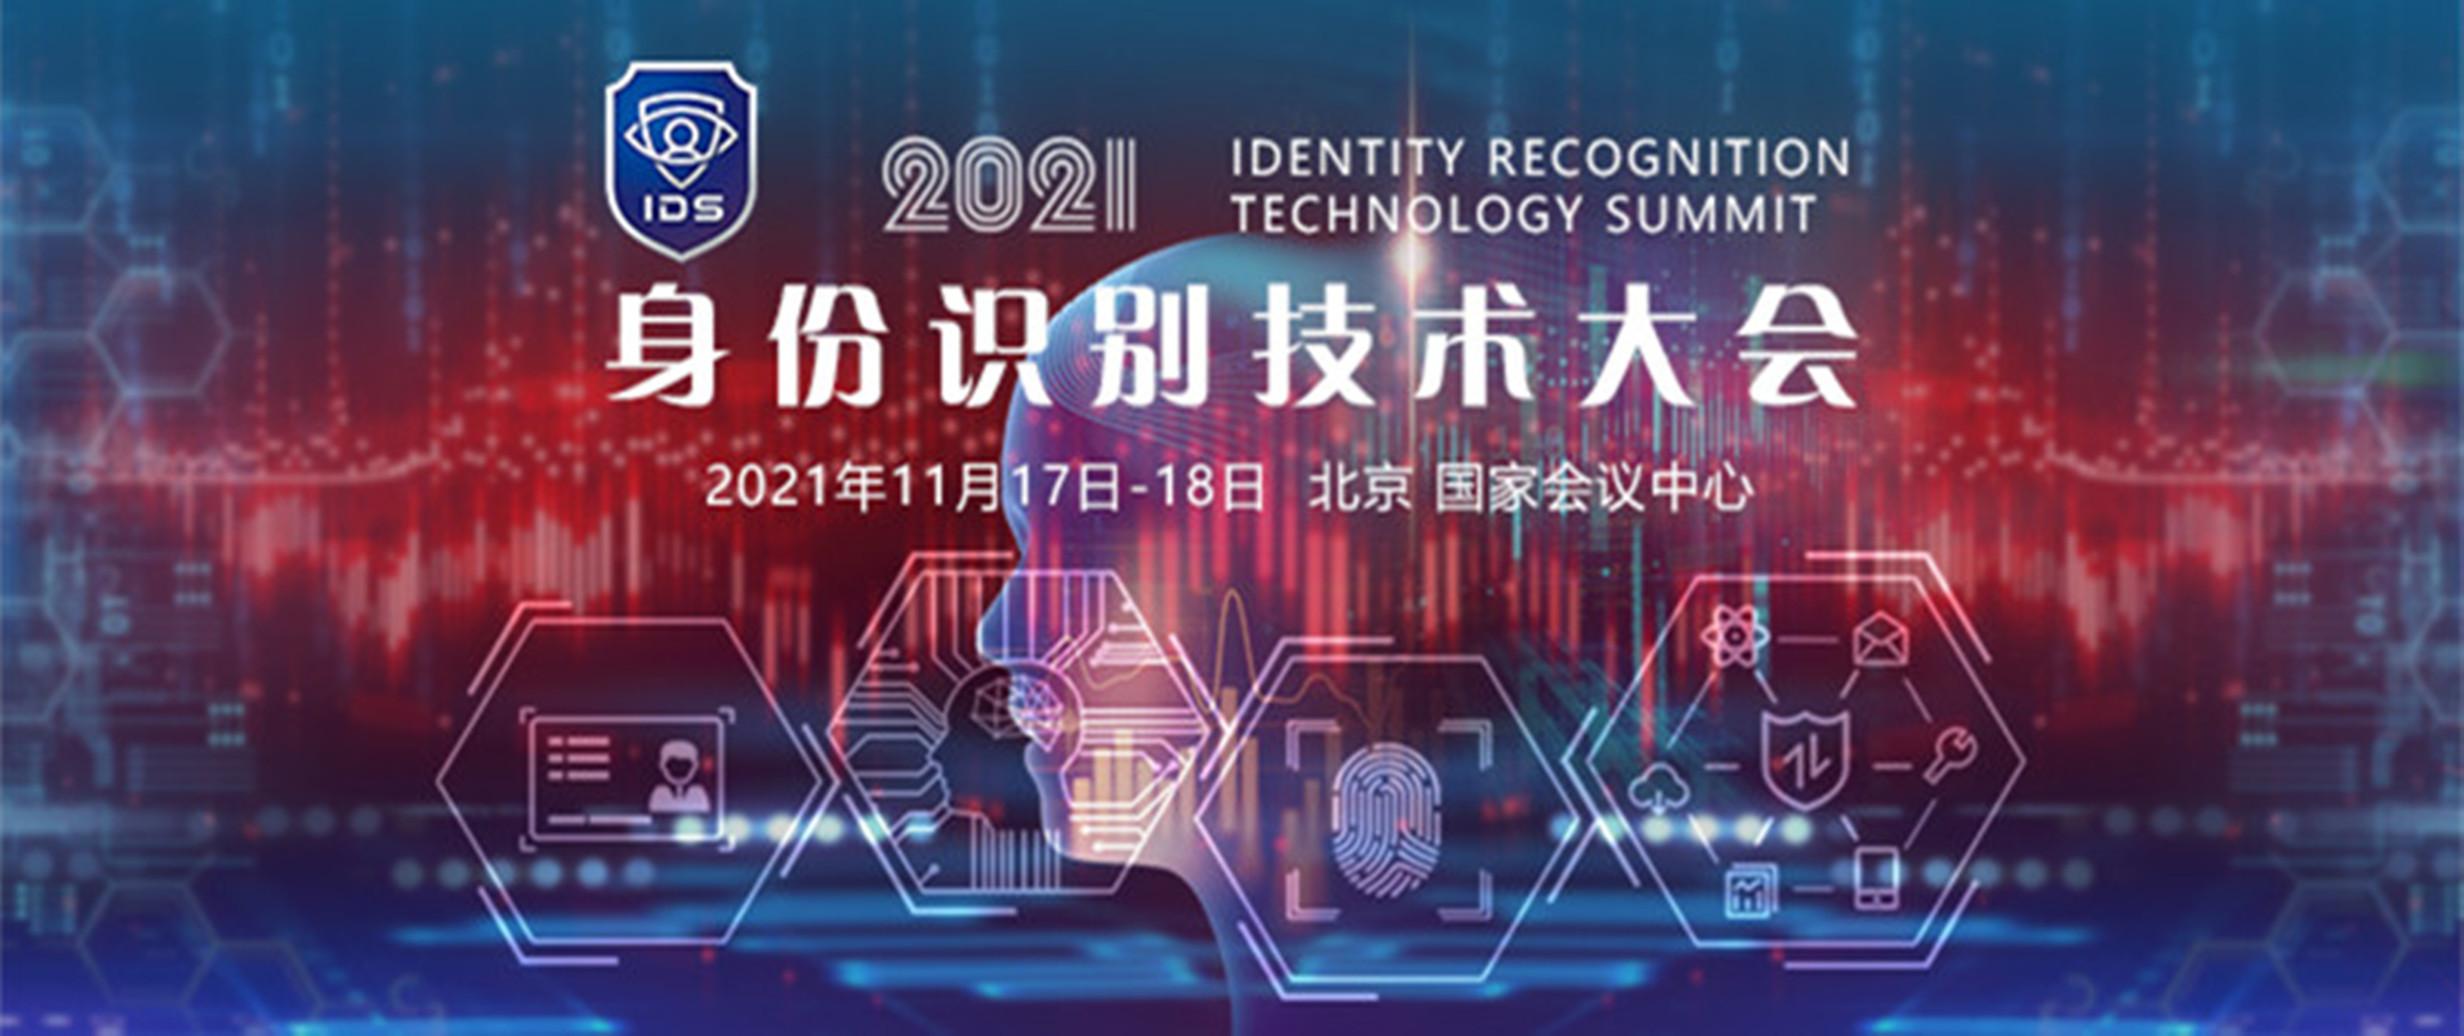 IDS 身份识别技术大会 2021